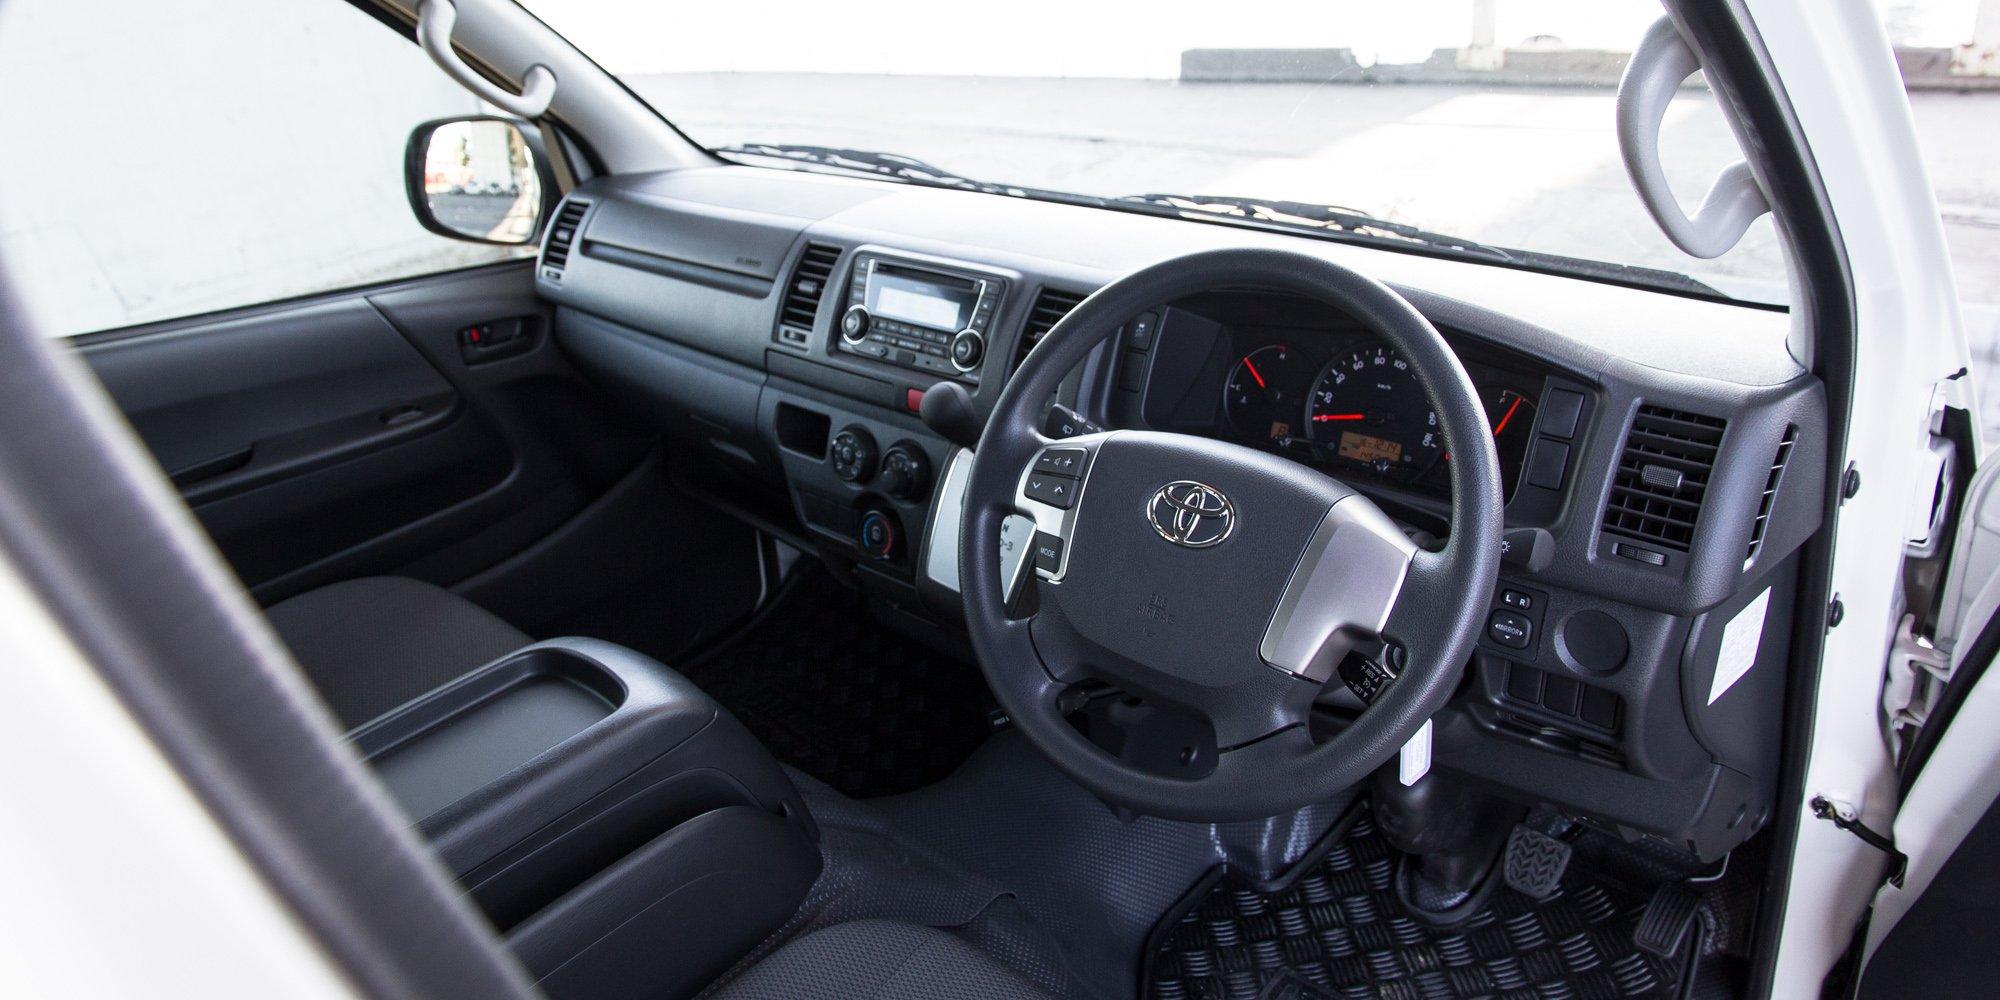 2015 Toyota Hiace Crew Van Review Caradvice